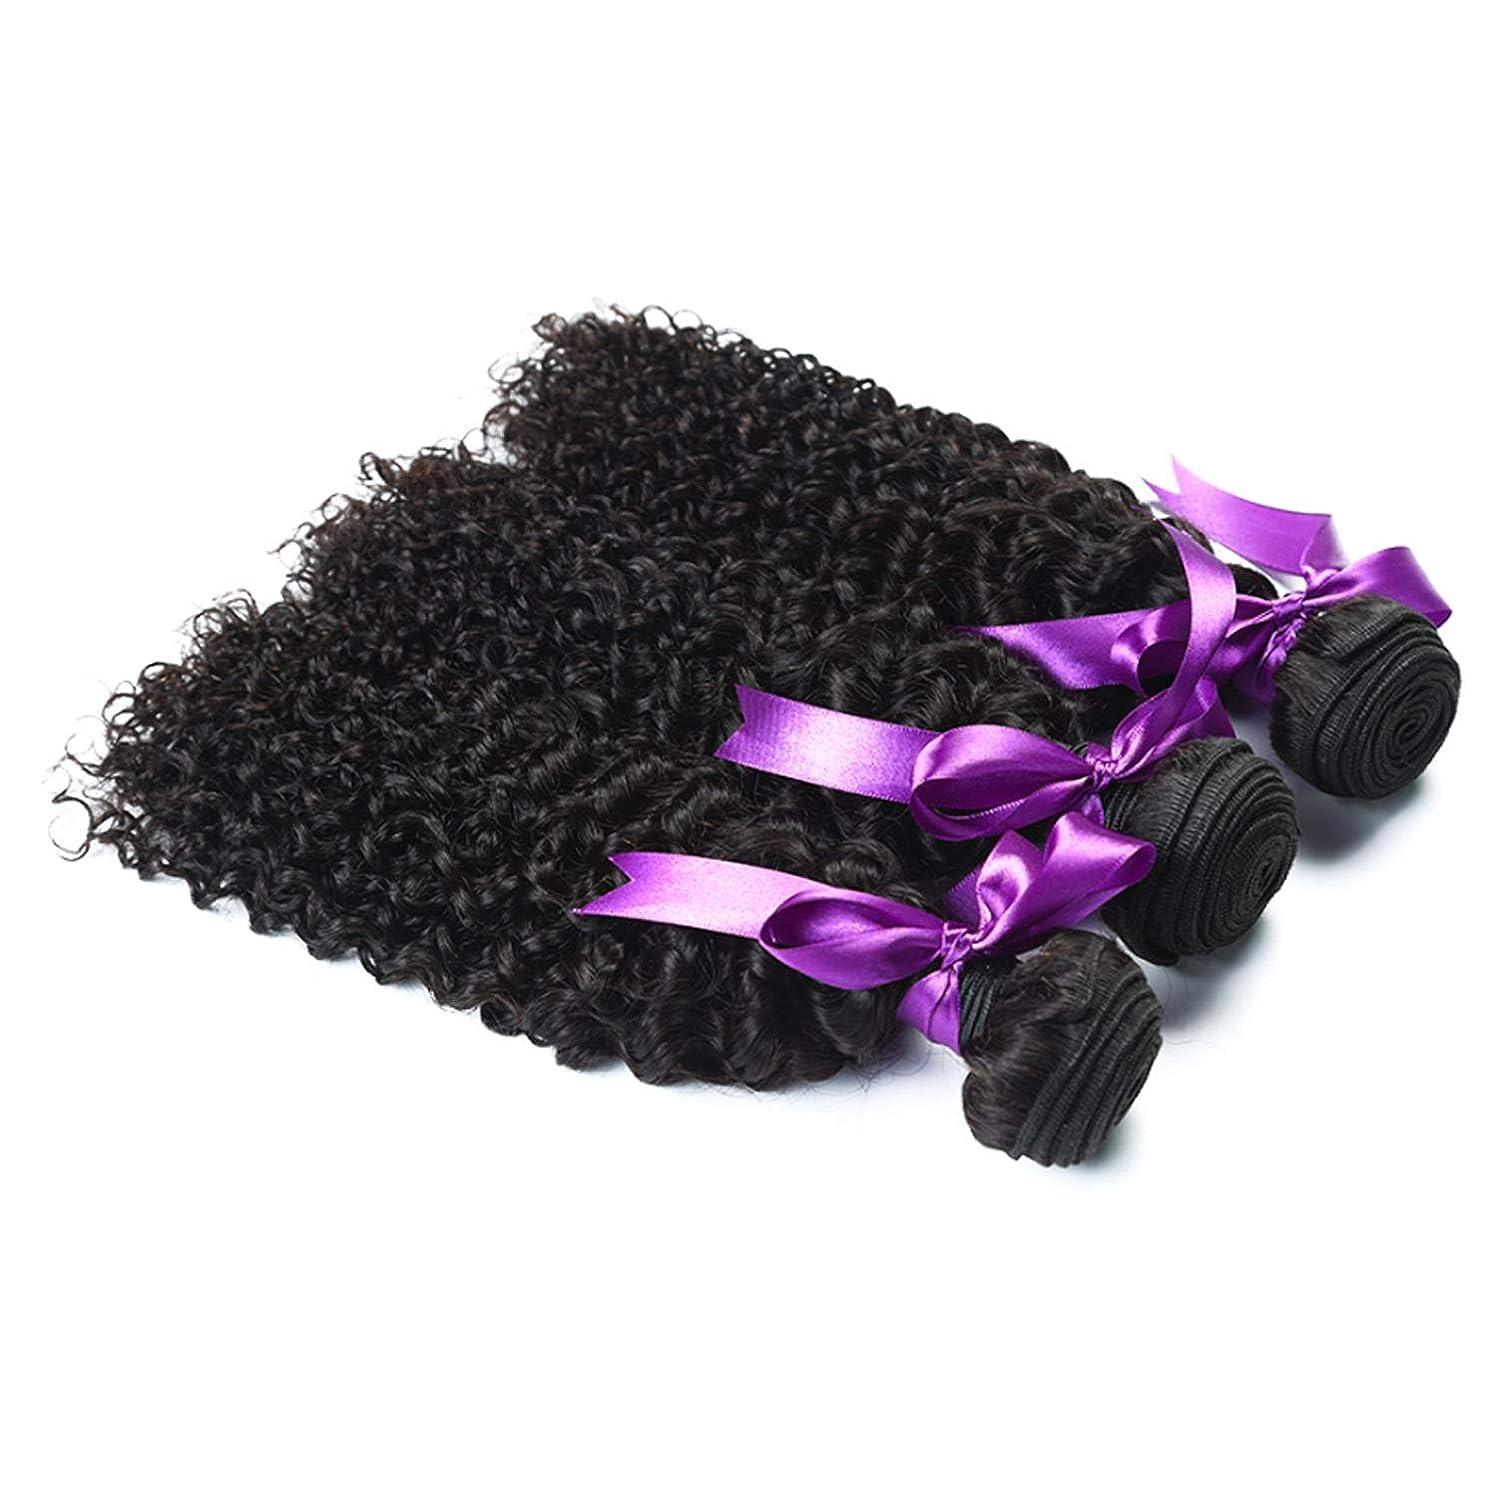 合理的病弱ローラーマレーシアの変態巻き毛3束お得な価格非Remy人間の髪織りエクステンションナチュラルブラック人間の髪の毛のかつら かつら (Length : 24 26 26)